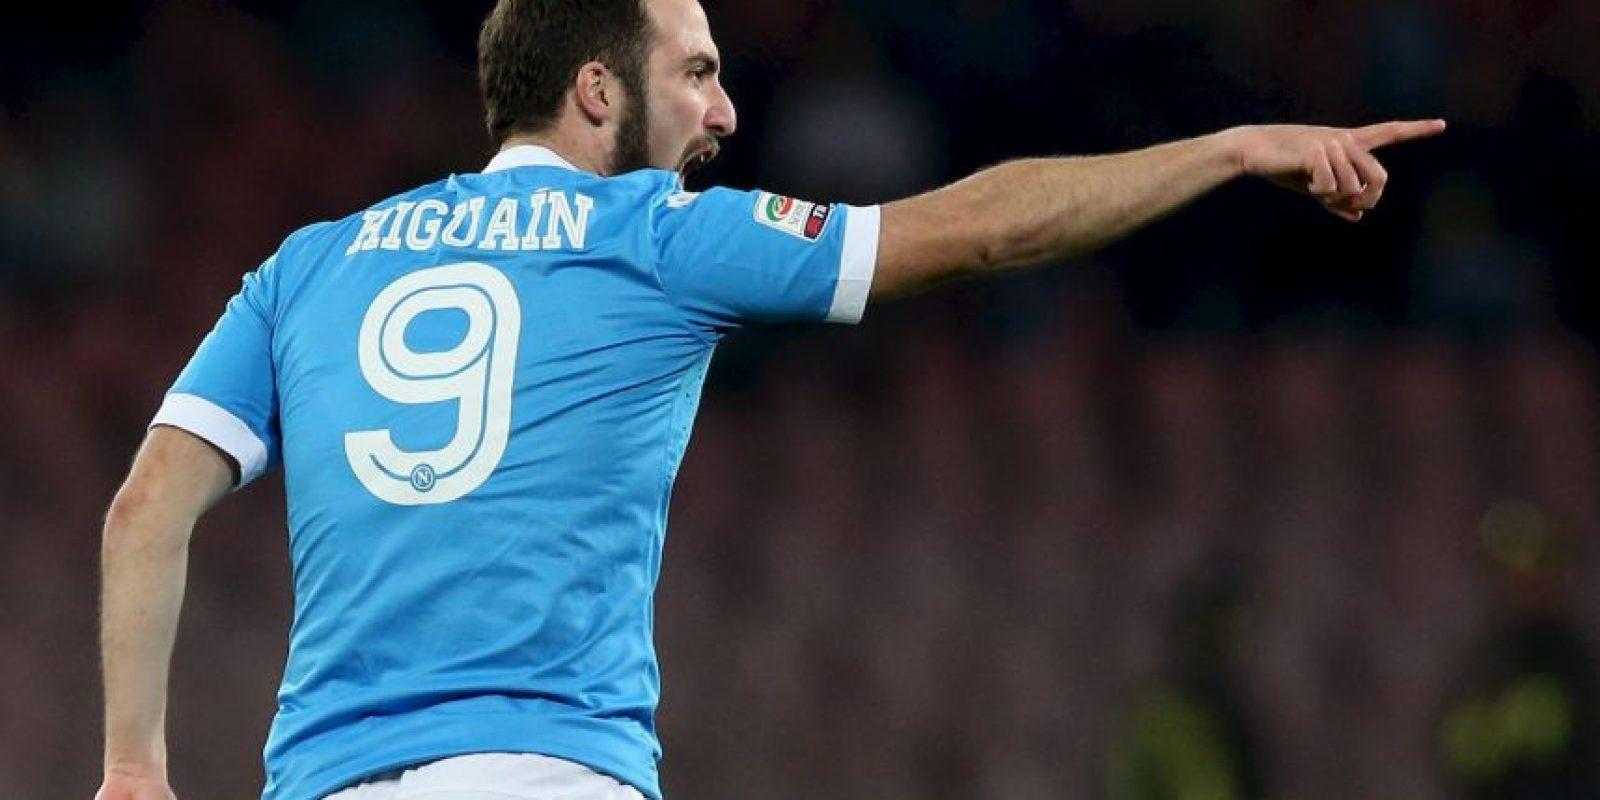 El argentino puede jugar Champions League con Napoli, pero quiere partir Foto:Getty Images